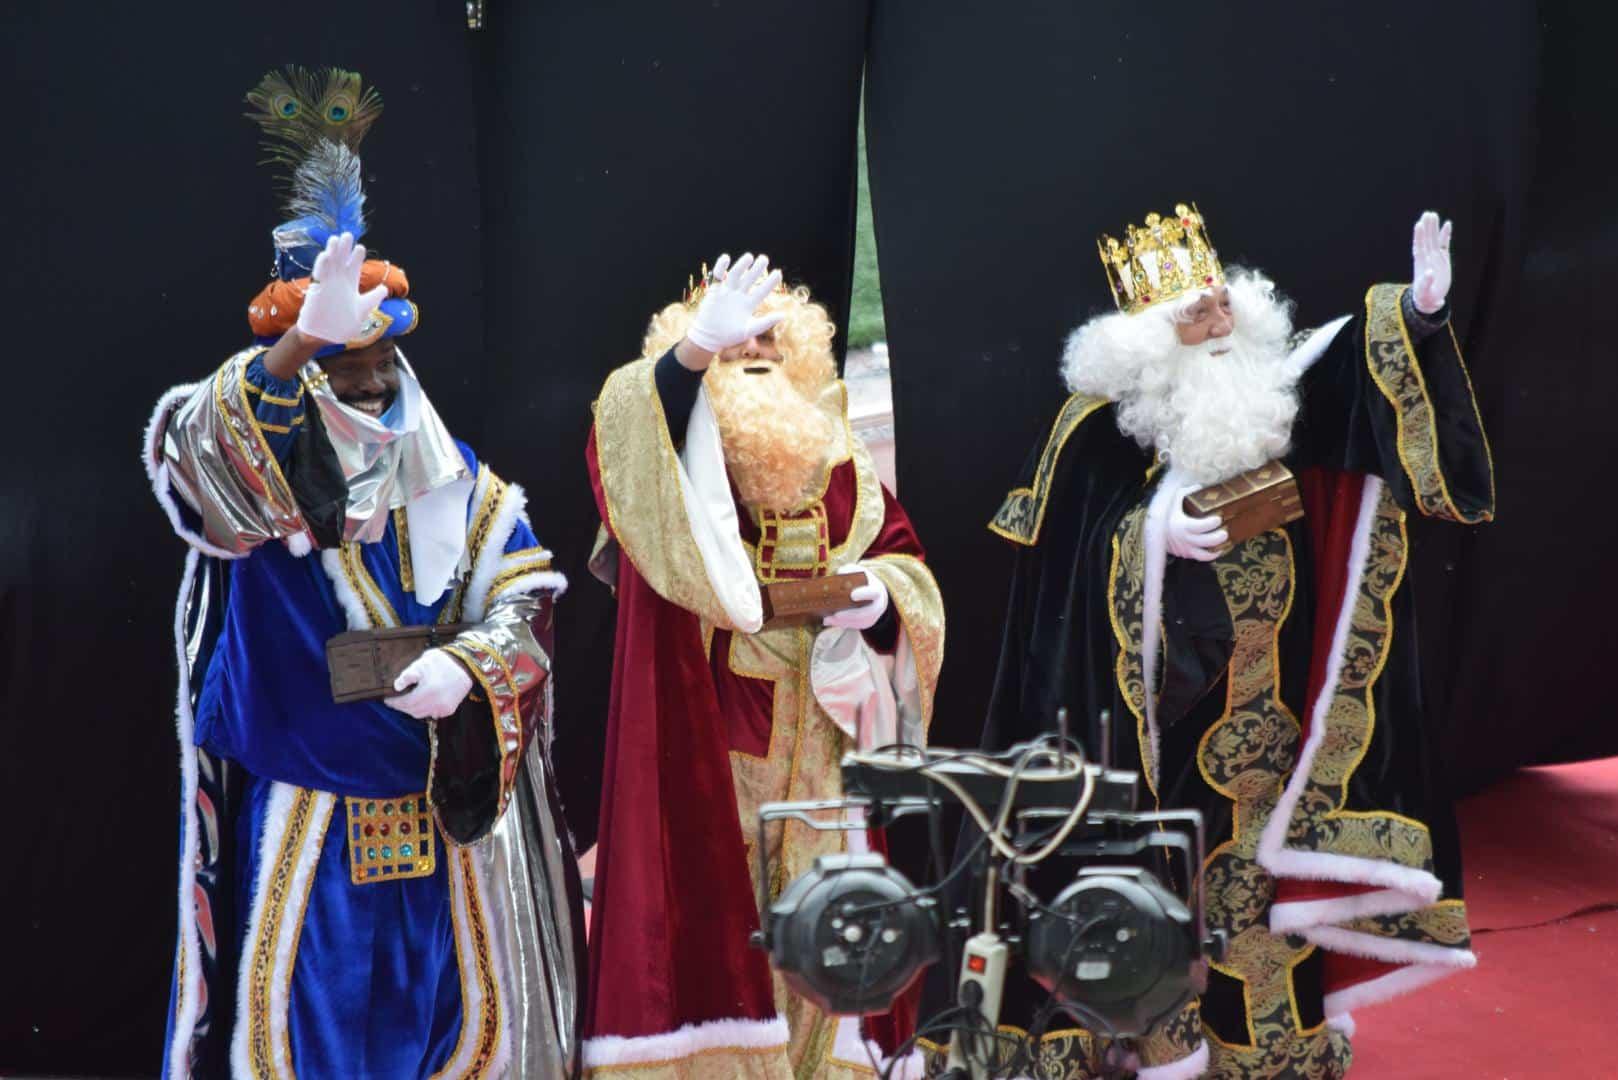 FOTOS: La magia de los Reyes Magos llega a Haro 41